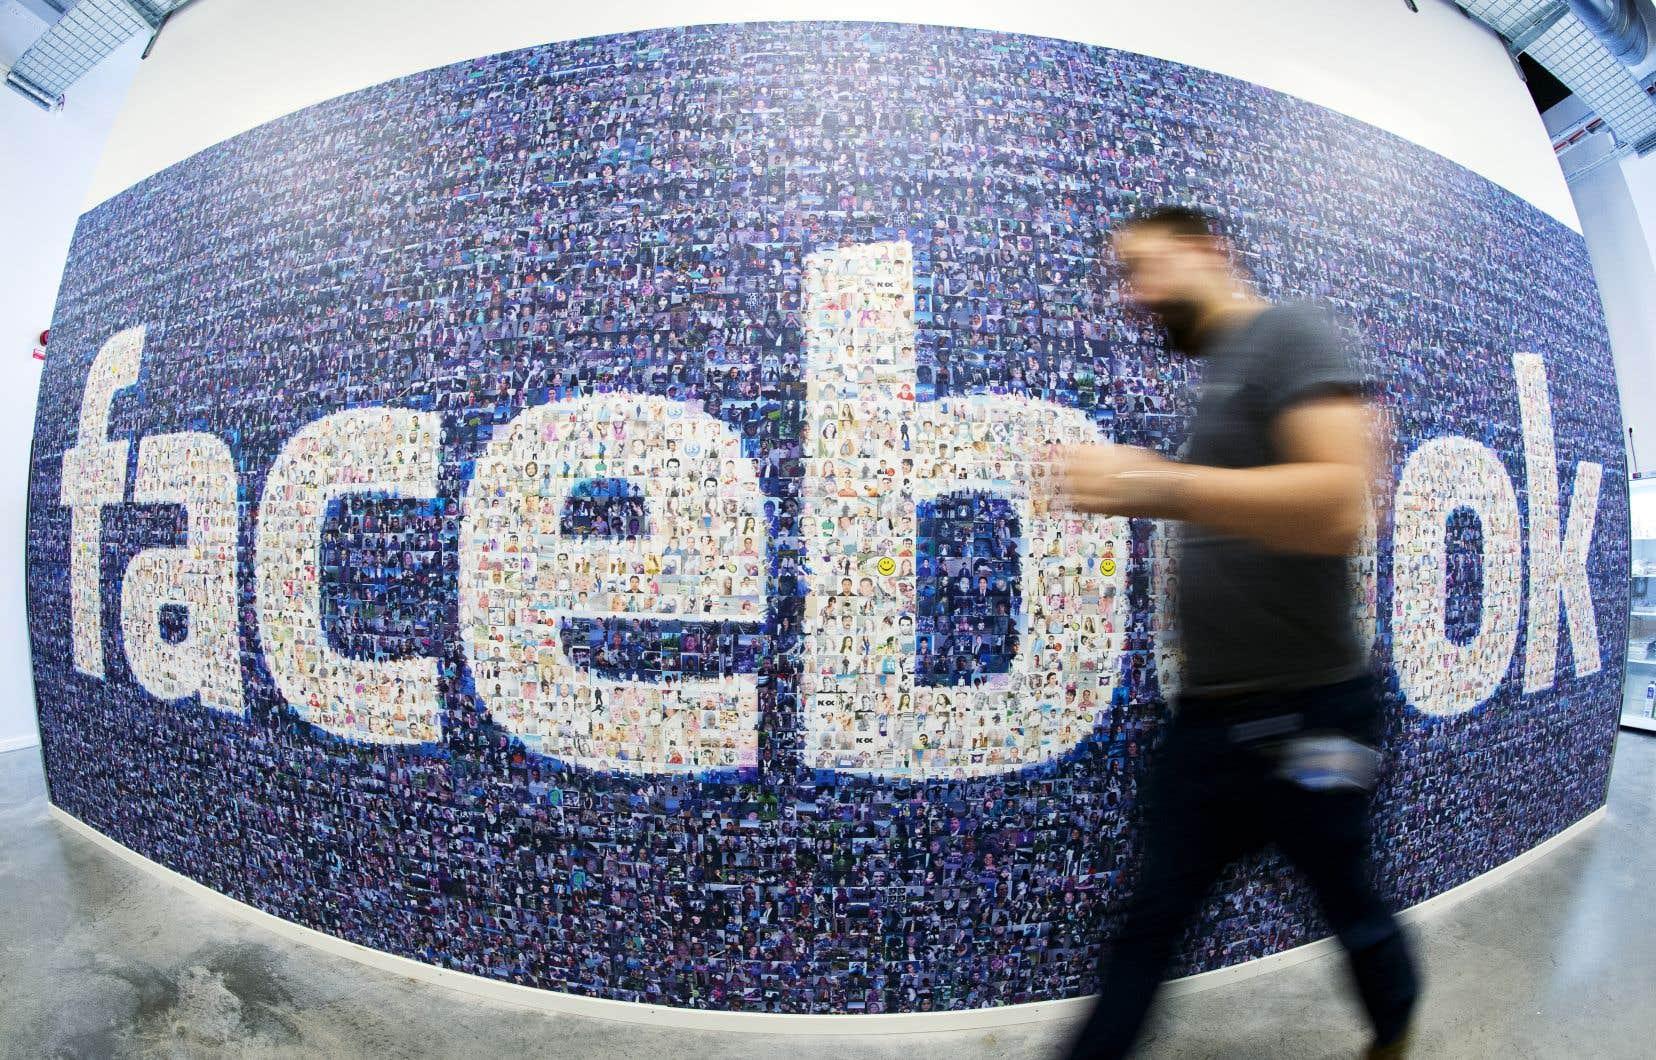 La responsabilité de préserver l'intégrité du processus électoral est-elle du ressort d'une entreprise privée comme Facebook, aussi bien intentionnée soit-elle? se questionnent les auteurs.